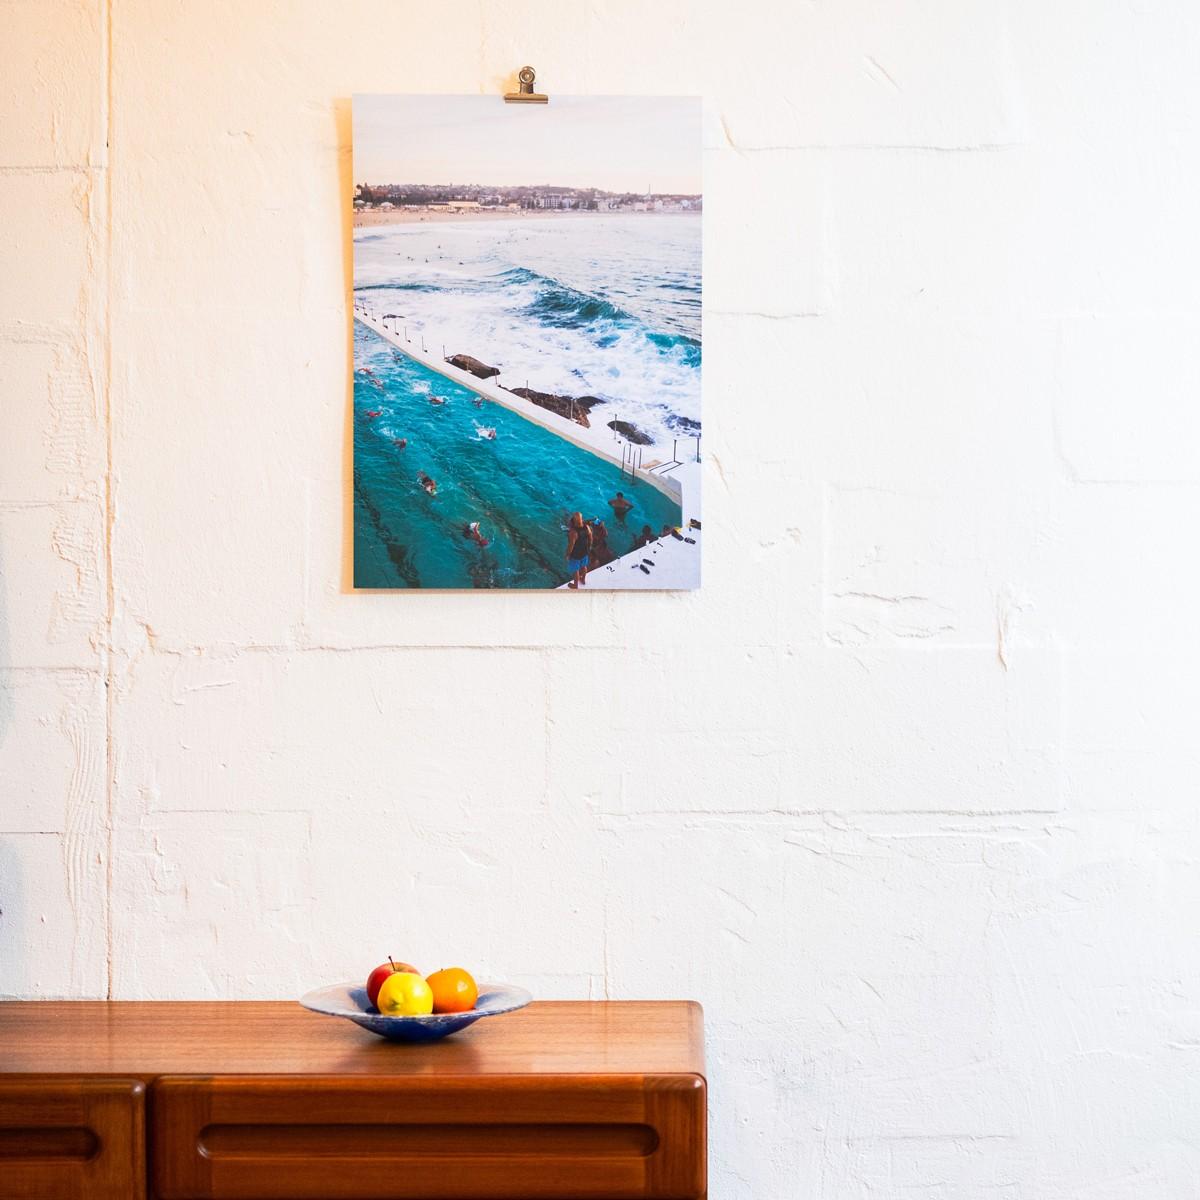 'Bondi Beach' limitierter Fotodruck auf Naturpapier, DIN A2, klimaneutral gedruckt  / Ankerwechsel Verlag